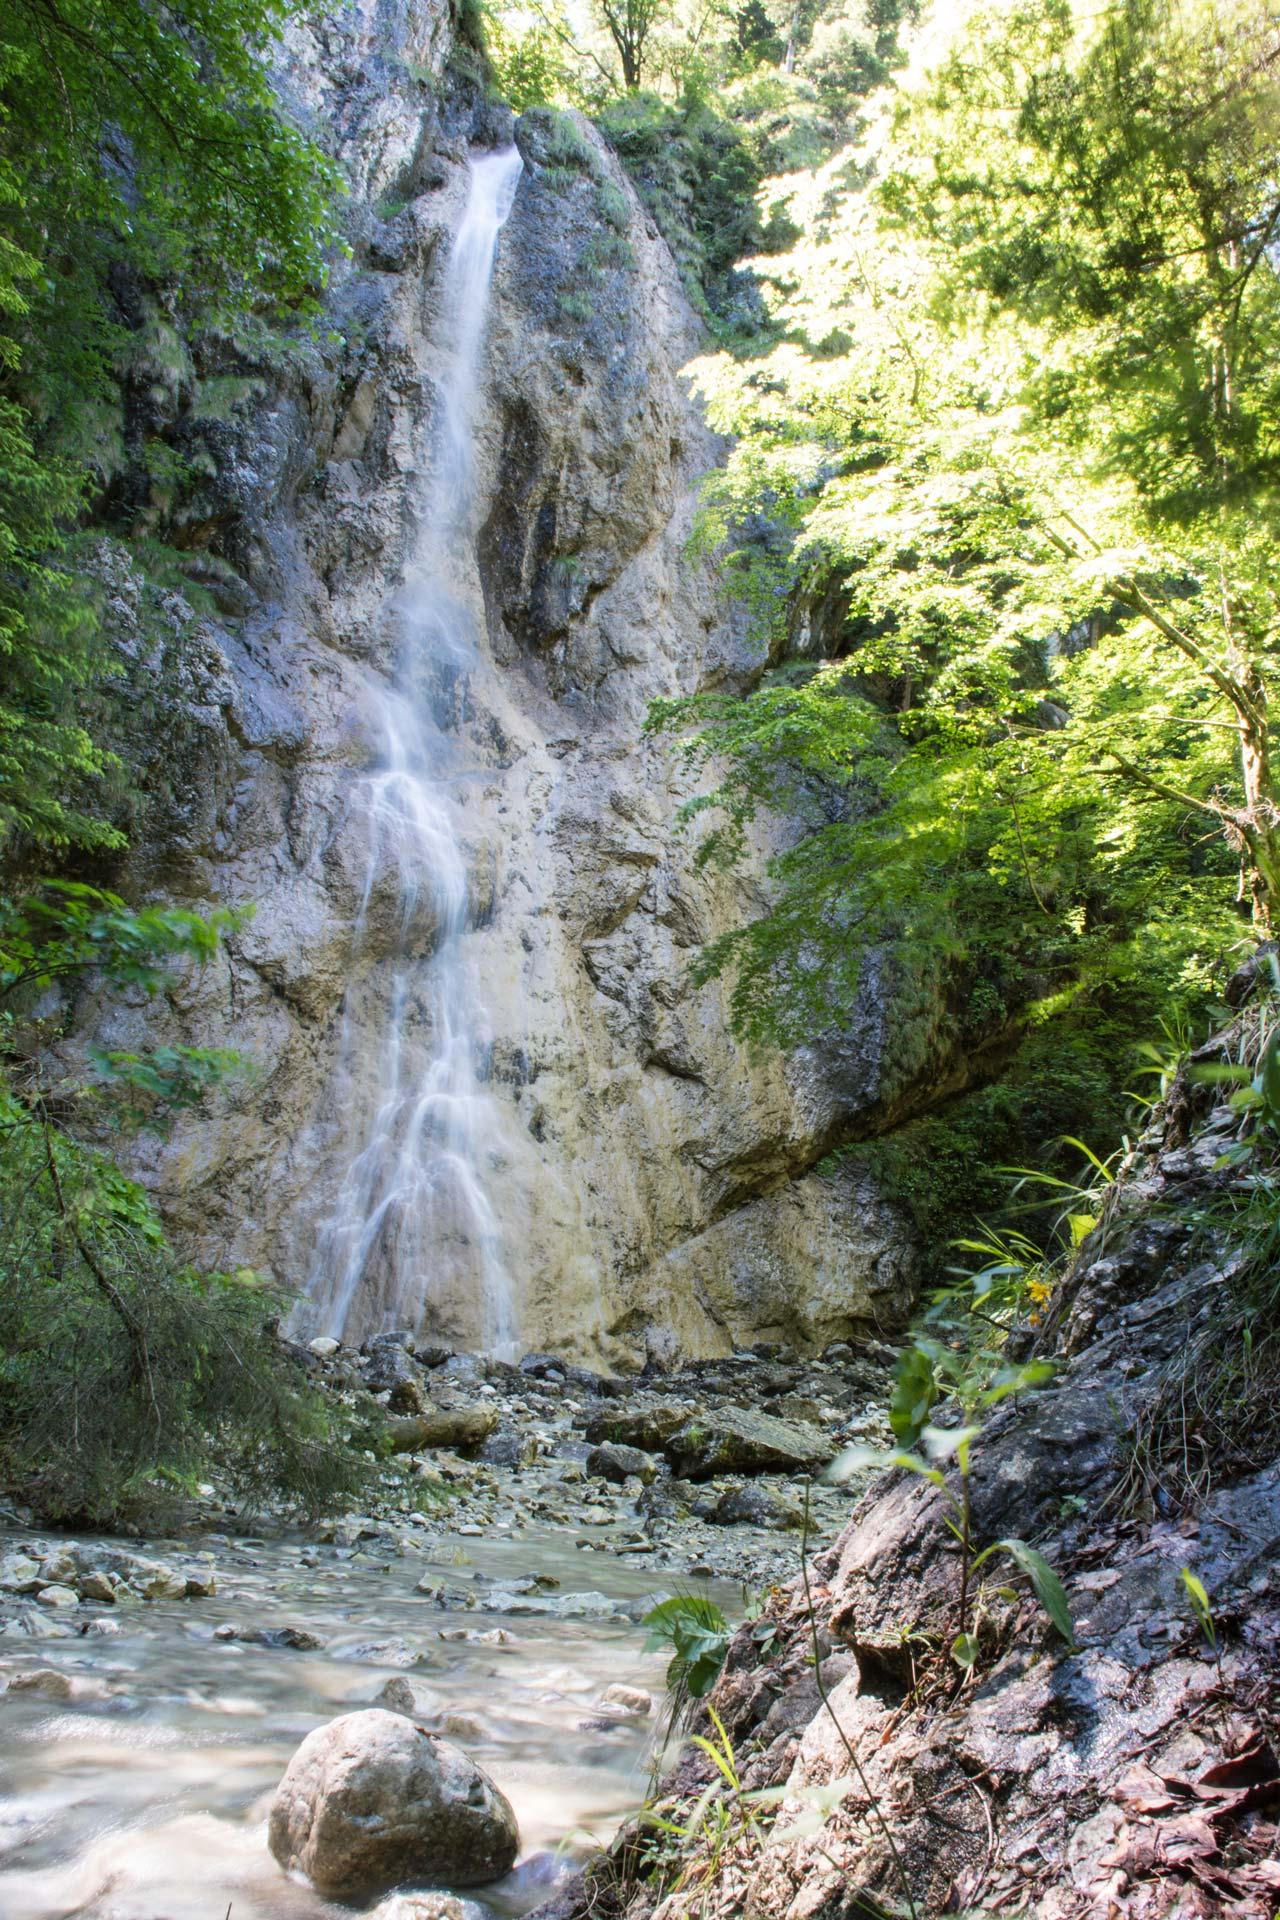 Ohlstädter Wasserfall, Steffi Linke